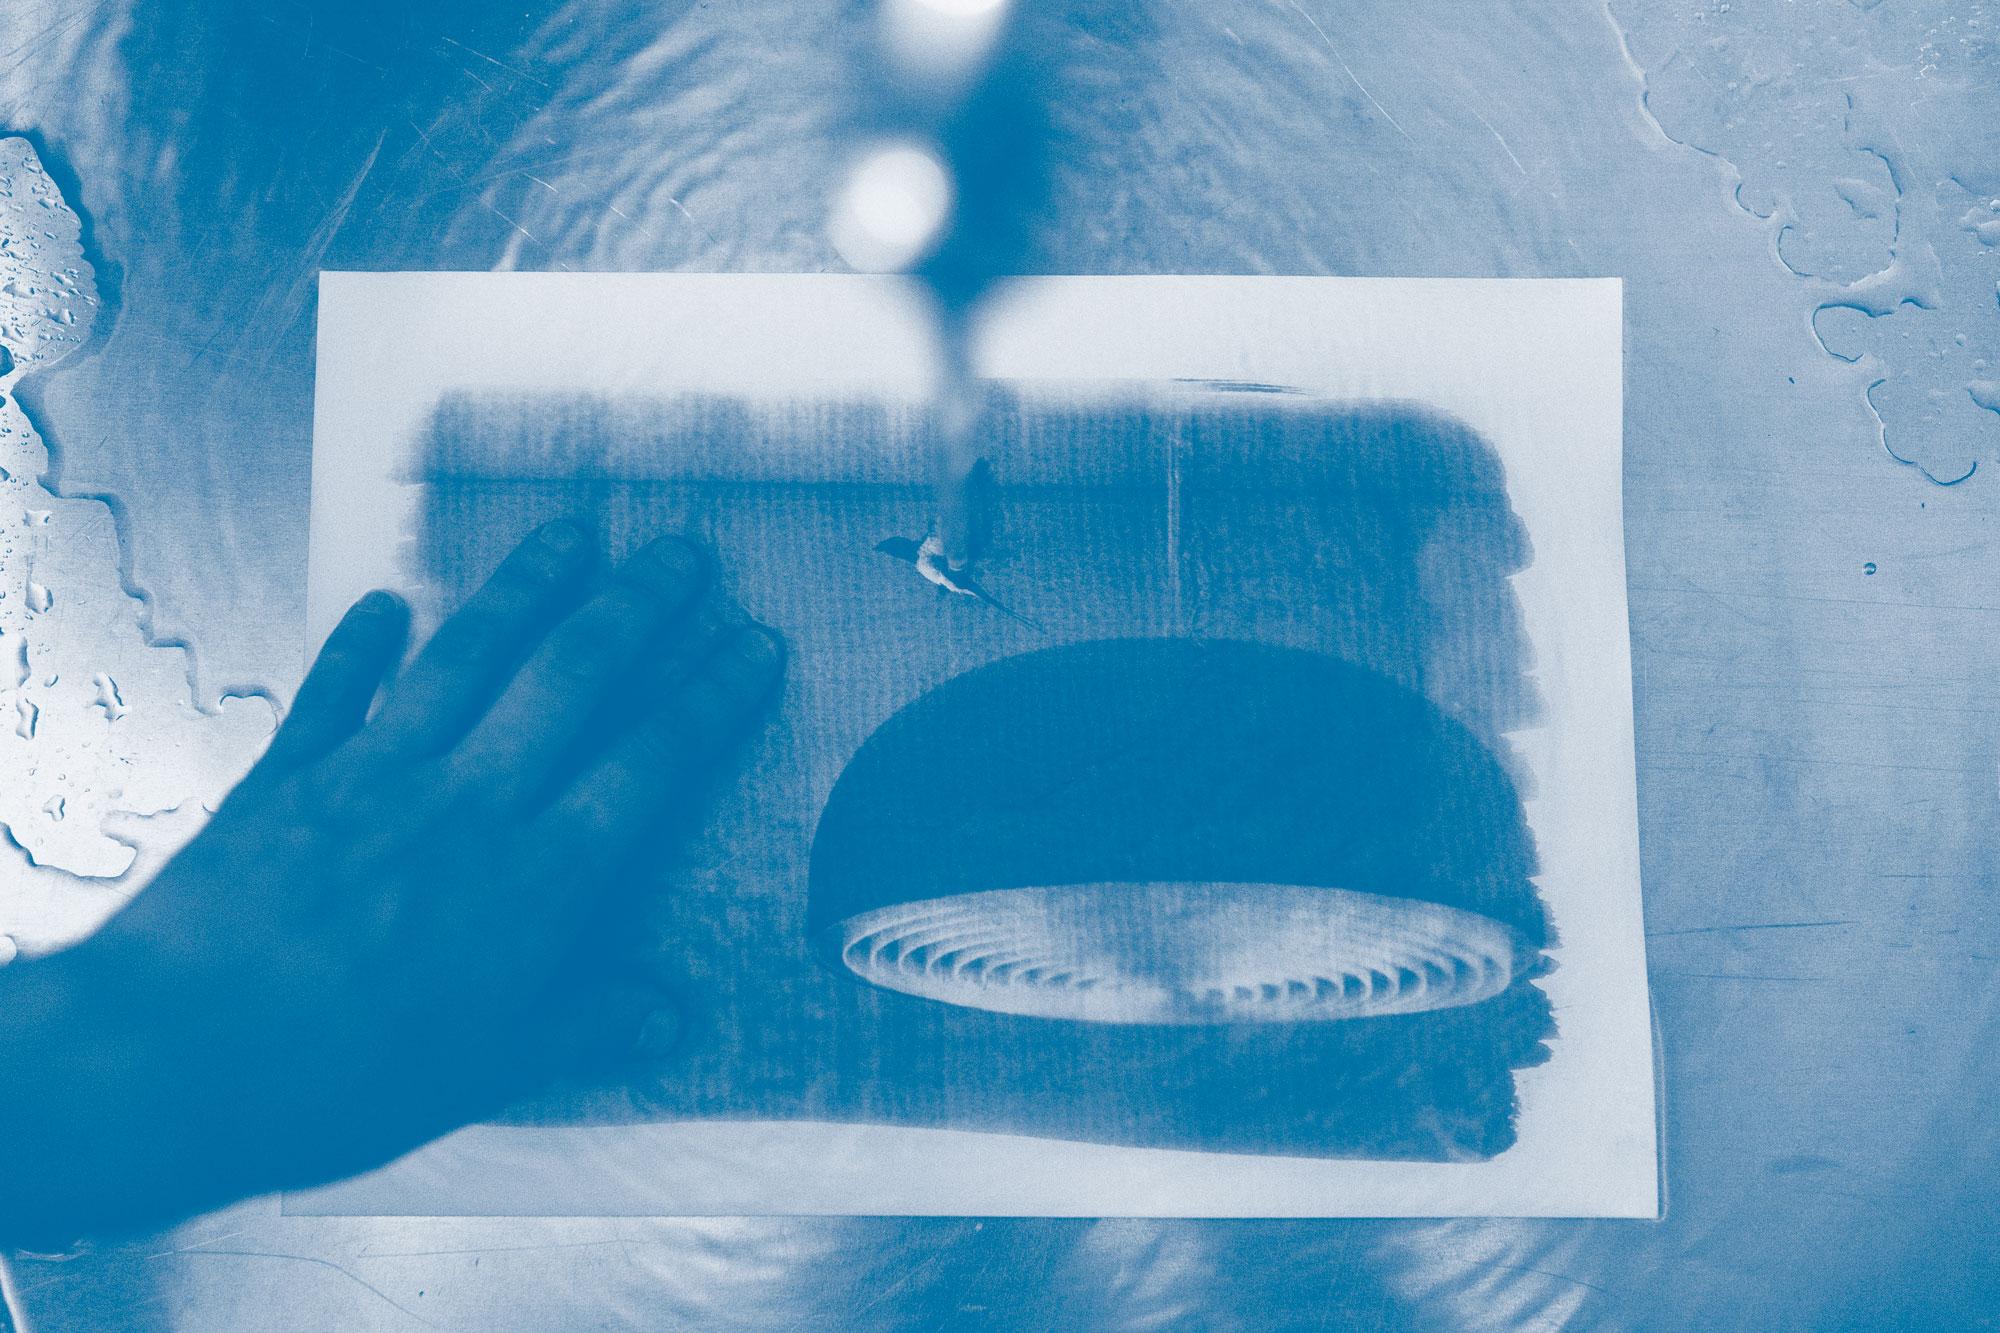 Cyanotypie Druck wird ausgewaschen. Mit Licht und Foto-Chemie malen. Workshop mit Martin Schachenhofer in der Guten Stube Andelsbuch.